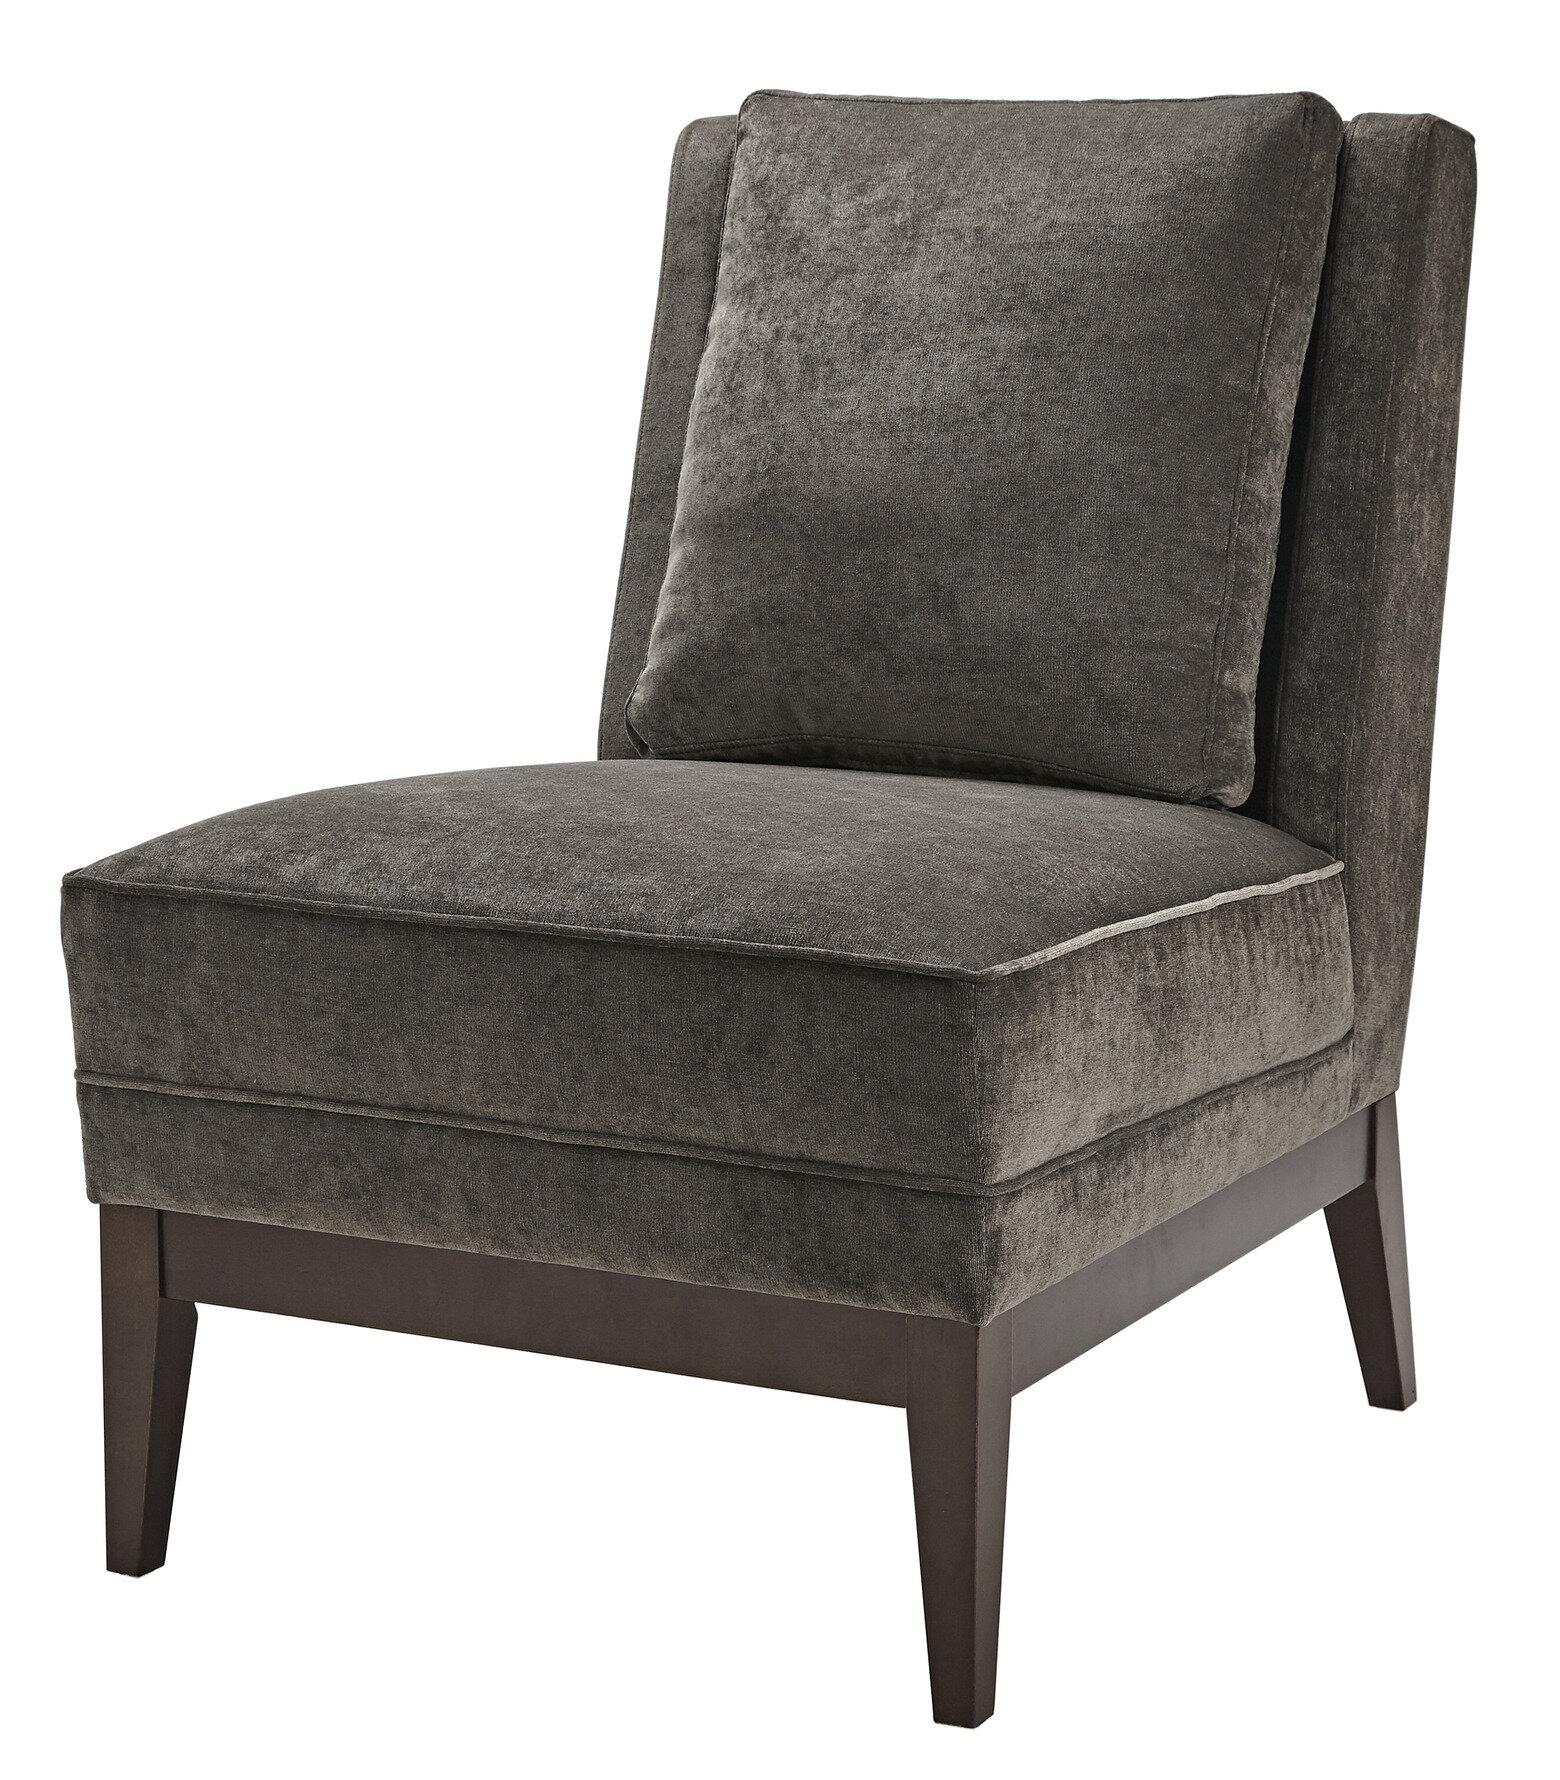 Brilliant Martha Stewart Elise Slipper Chair Bralicious Painted Fabric Chair Ideas Braliciousco